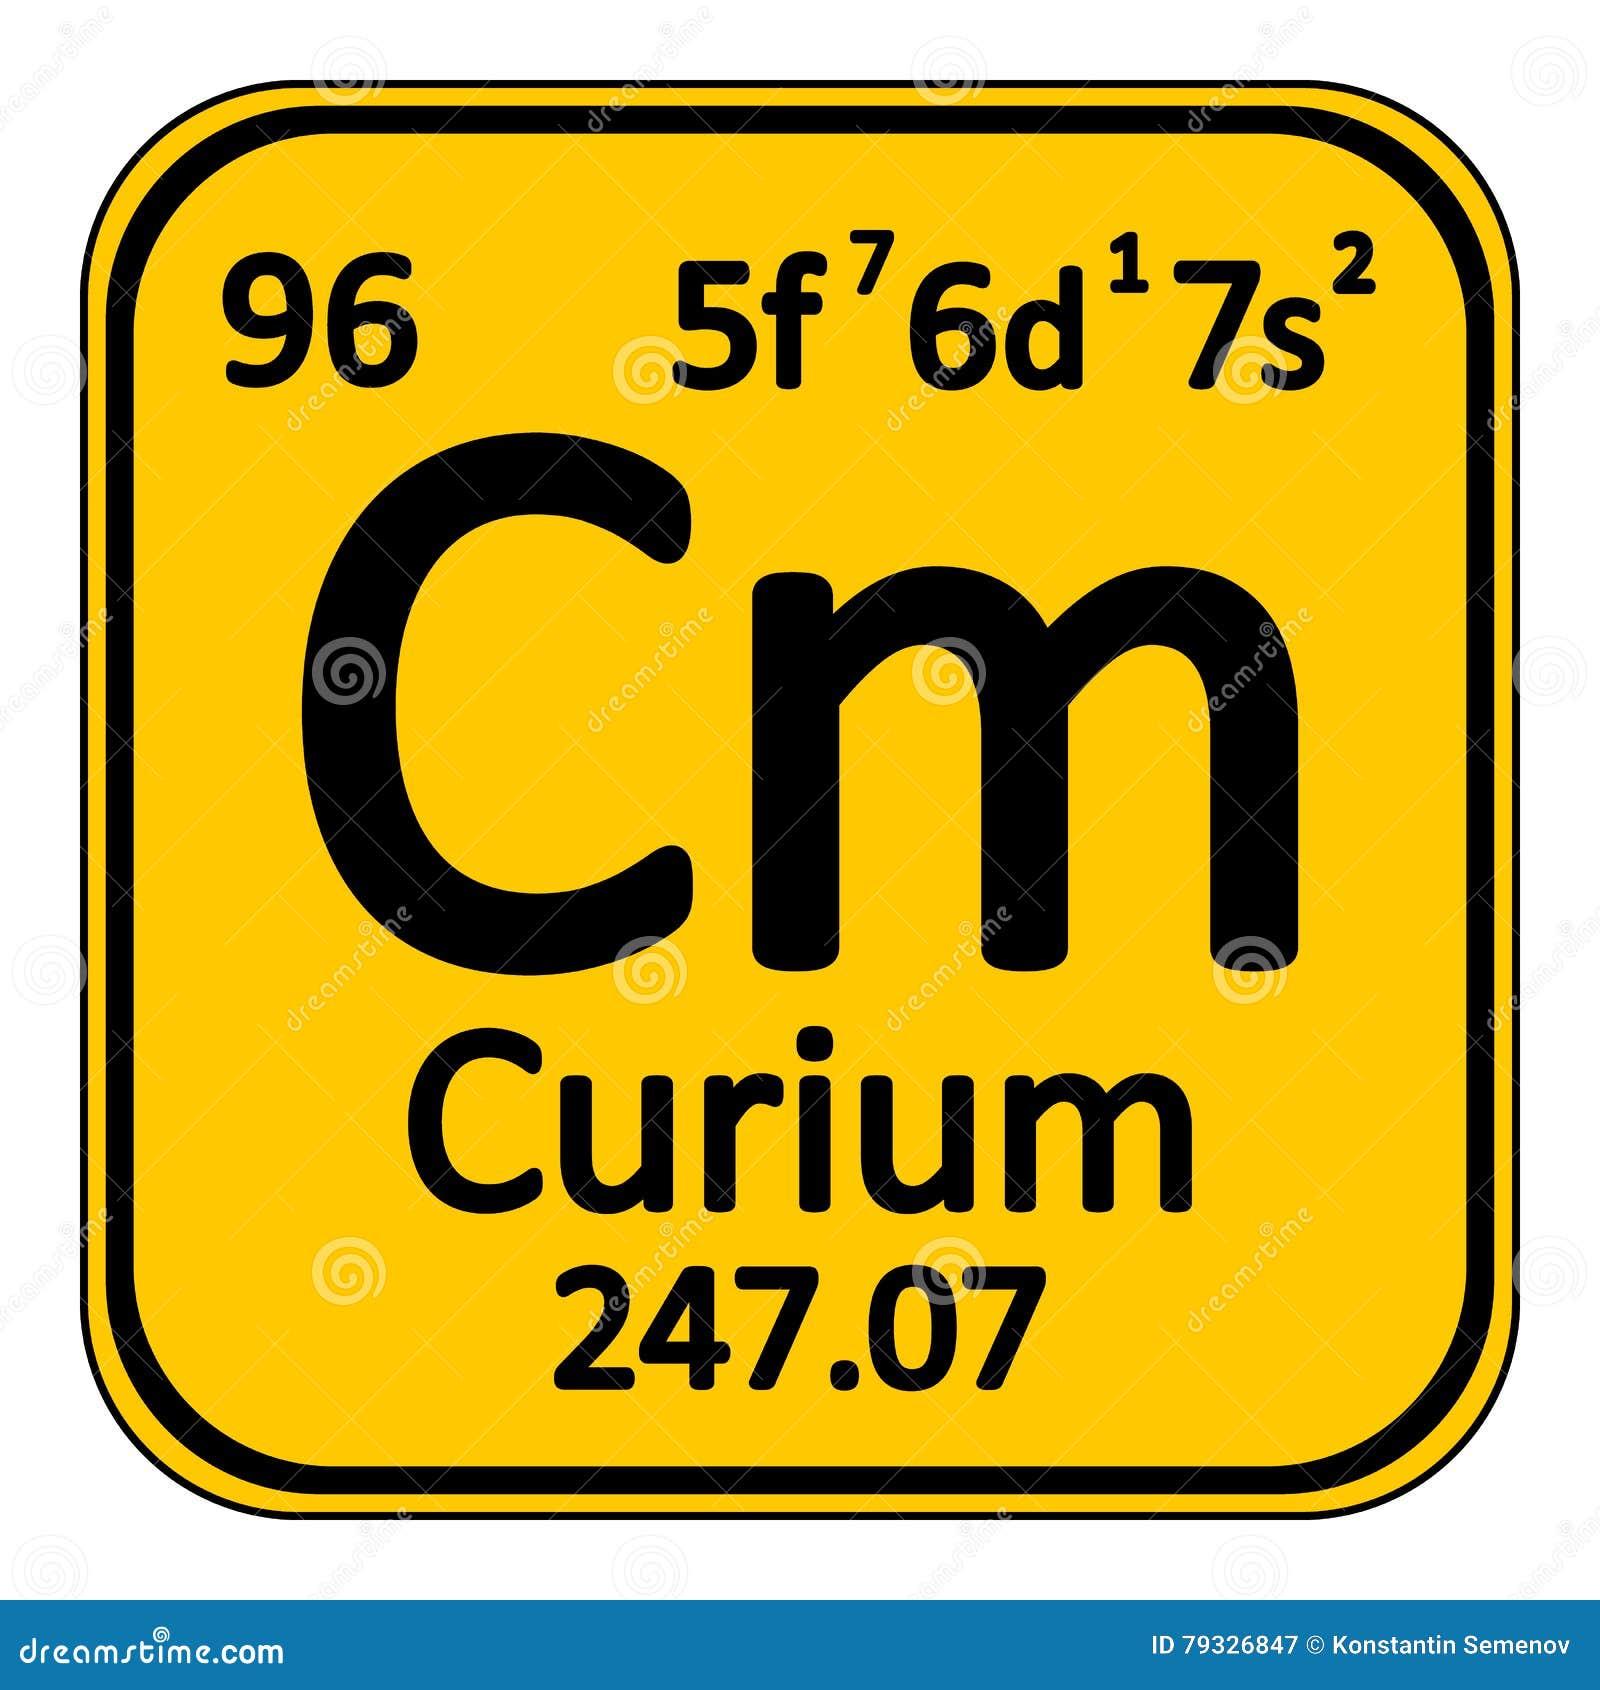 Periodic Table Element Curium Icon Stock Illustration